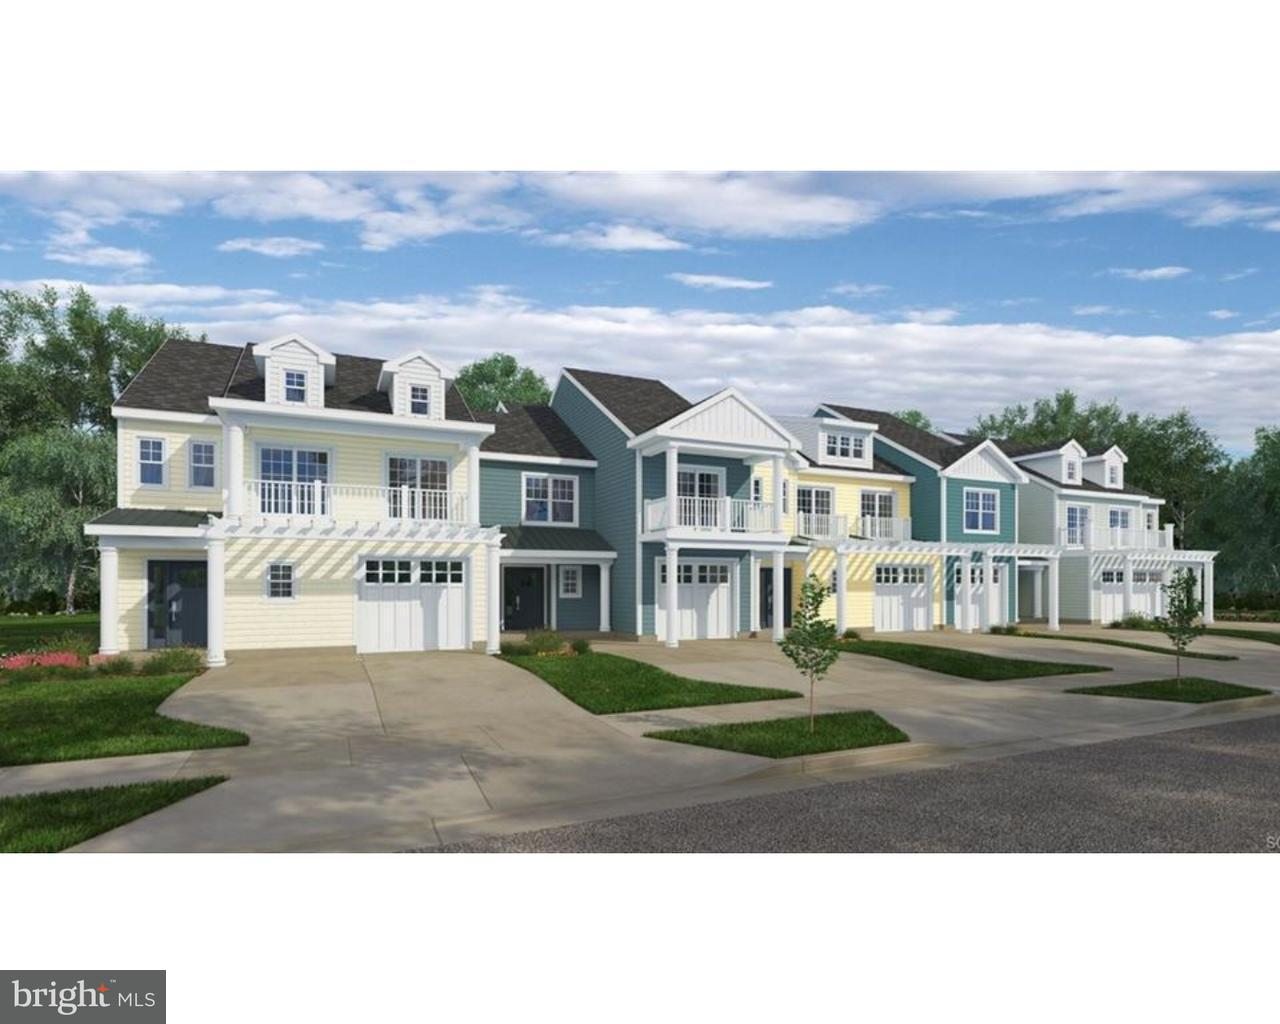 Maison unifamiliale pour l Vente à 36211 GLENVEAGH RD #UNIT 2 Selbyville, Delaware 19975 États-Unis